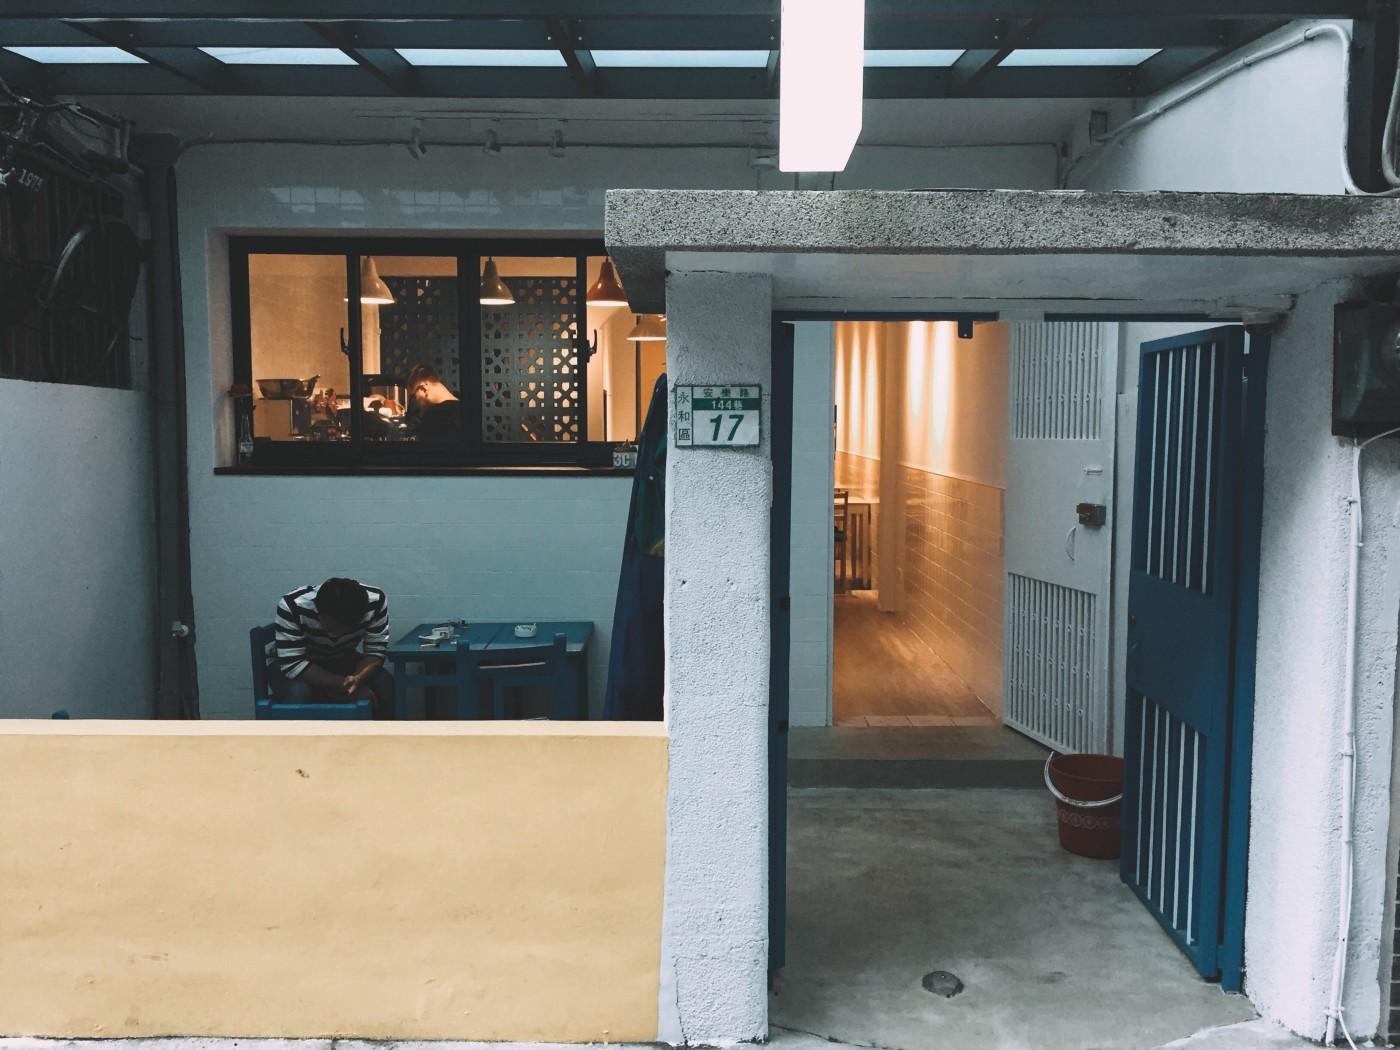 新北永和,永安市場站的 3C CAFE 店門口有吸煙區